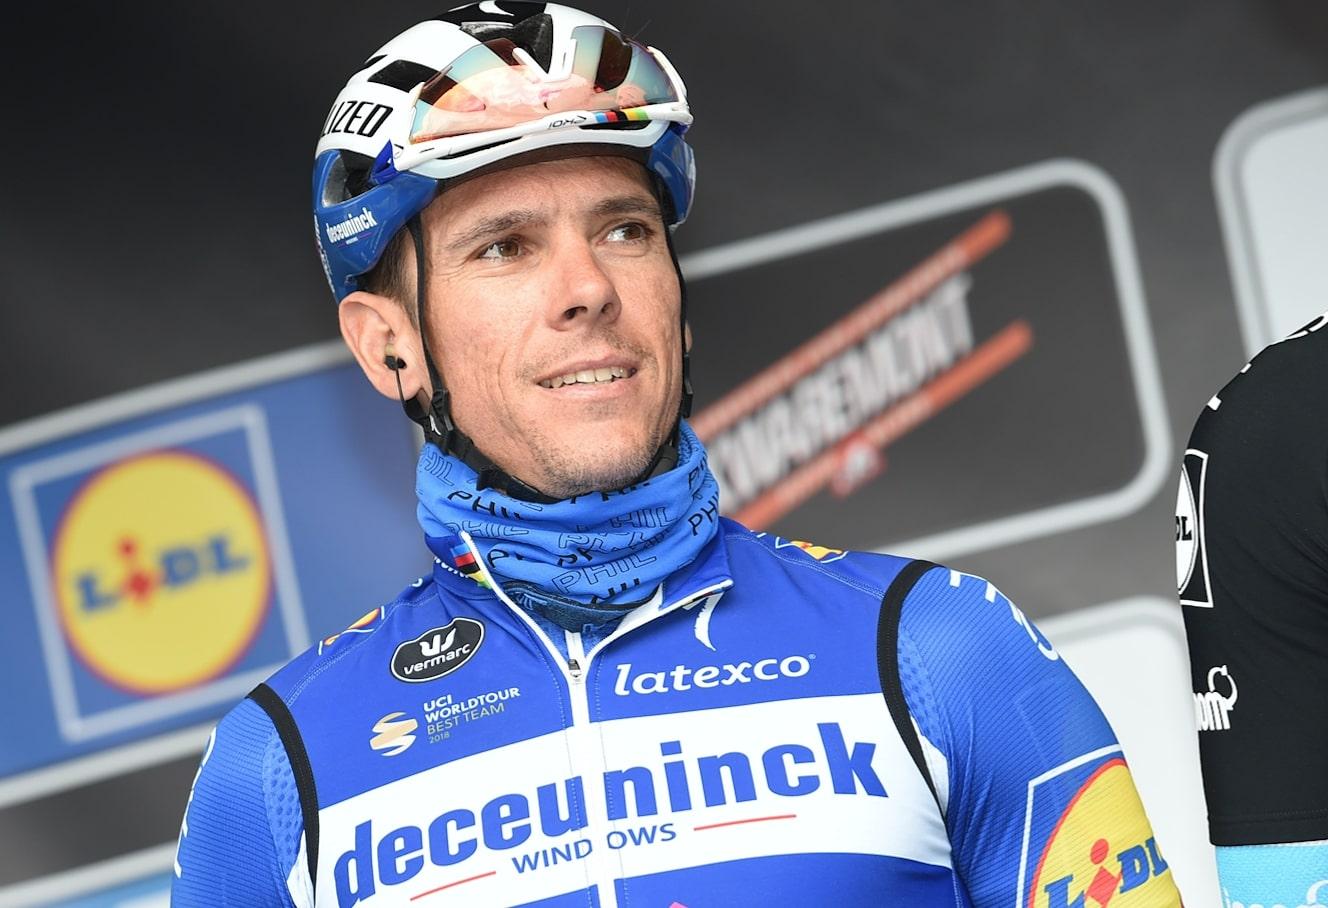 Amstel Gold Race - Gilbert : 'On n'a pas pu contrôler'